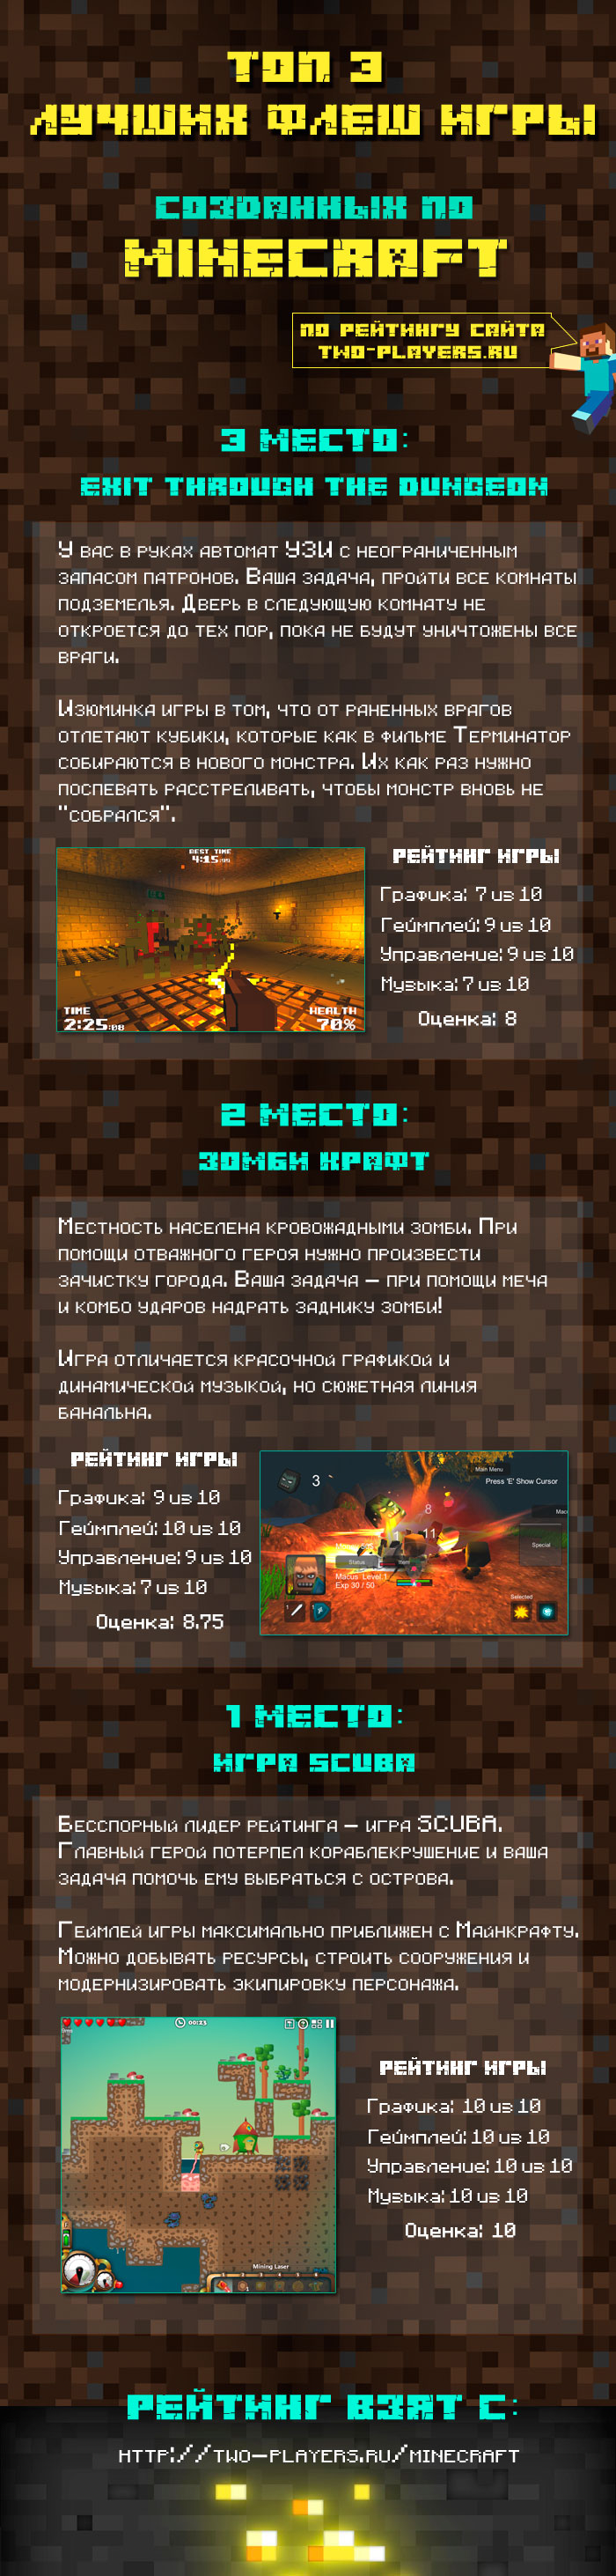 Инфографика: ТОП 3 лучших флеш игры созданных по Майнкрафту